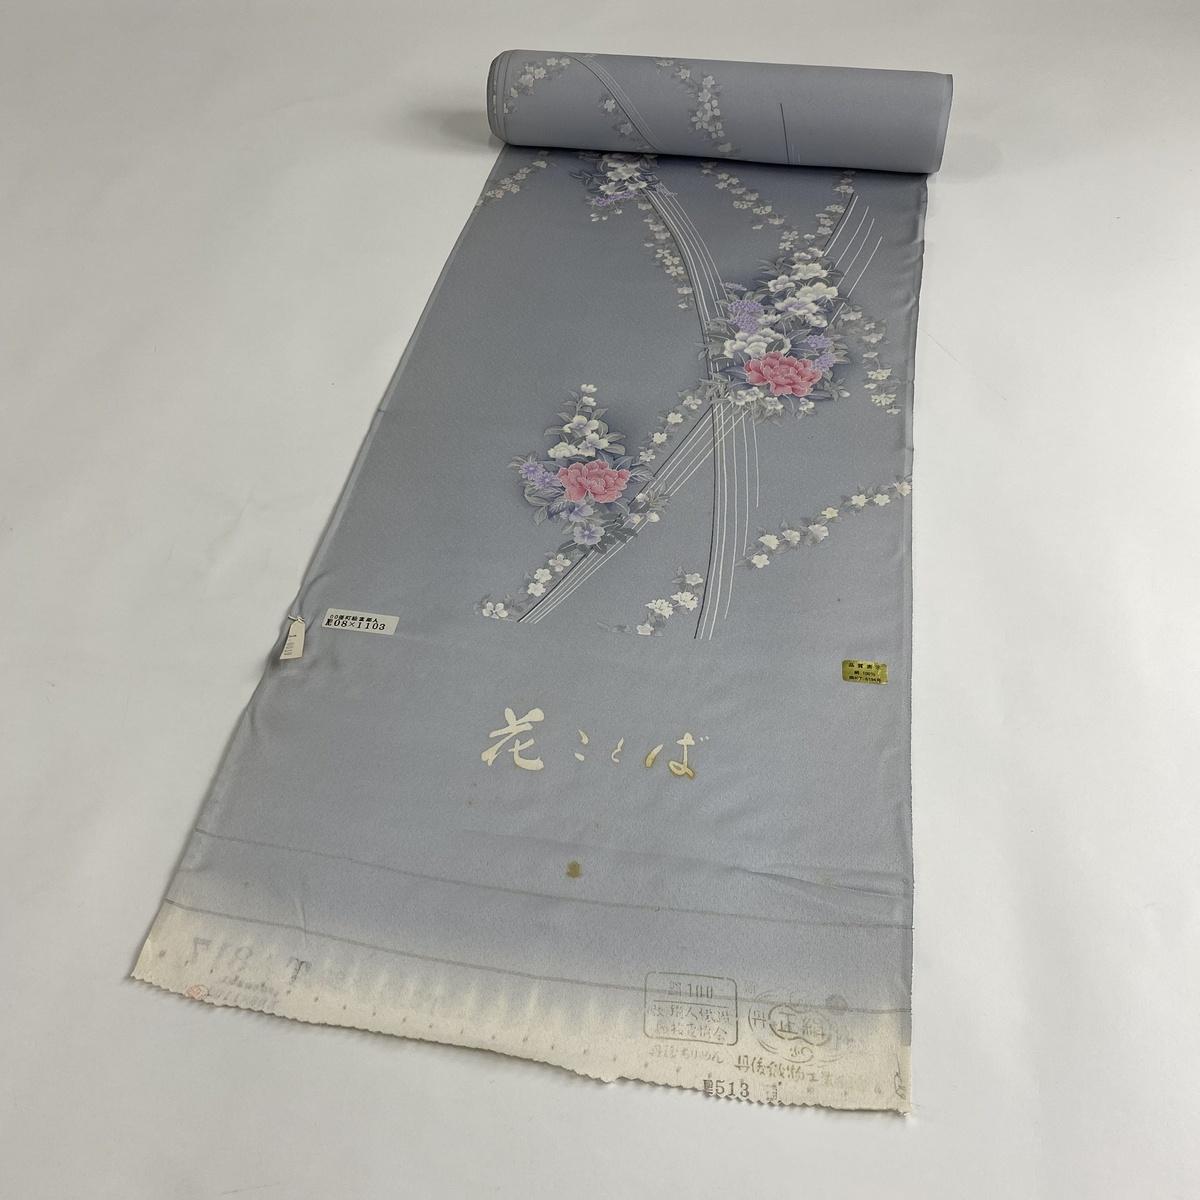 ランクB 反物 リサイクル 贈り物 送料無料 優品 中古 おすすめ 灰色 正絹